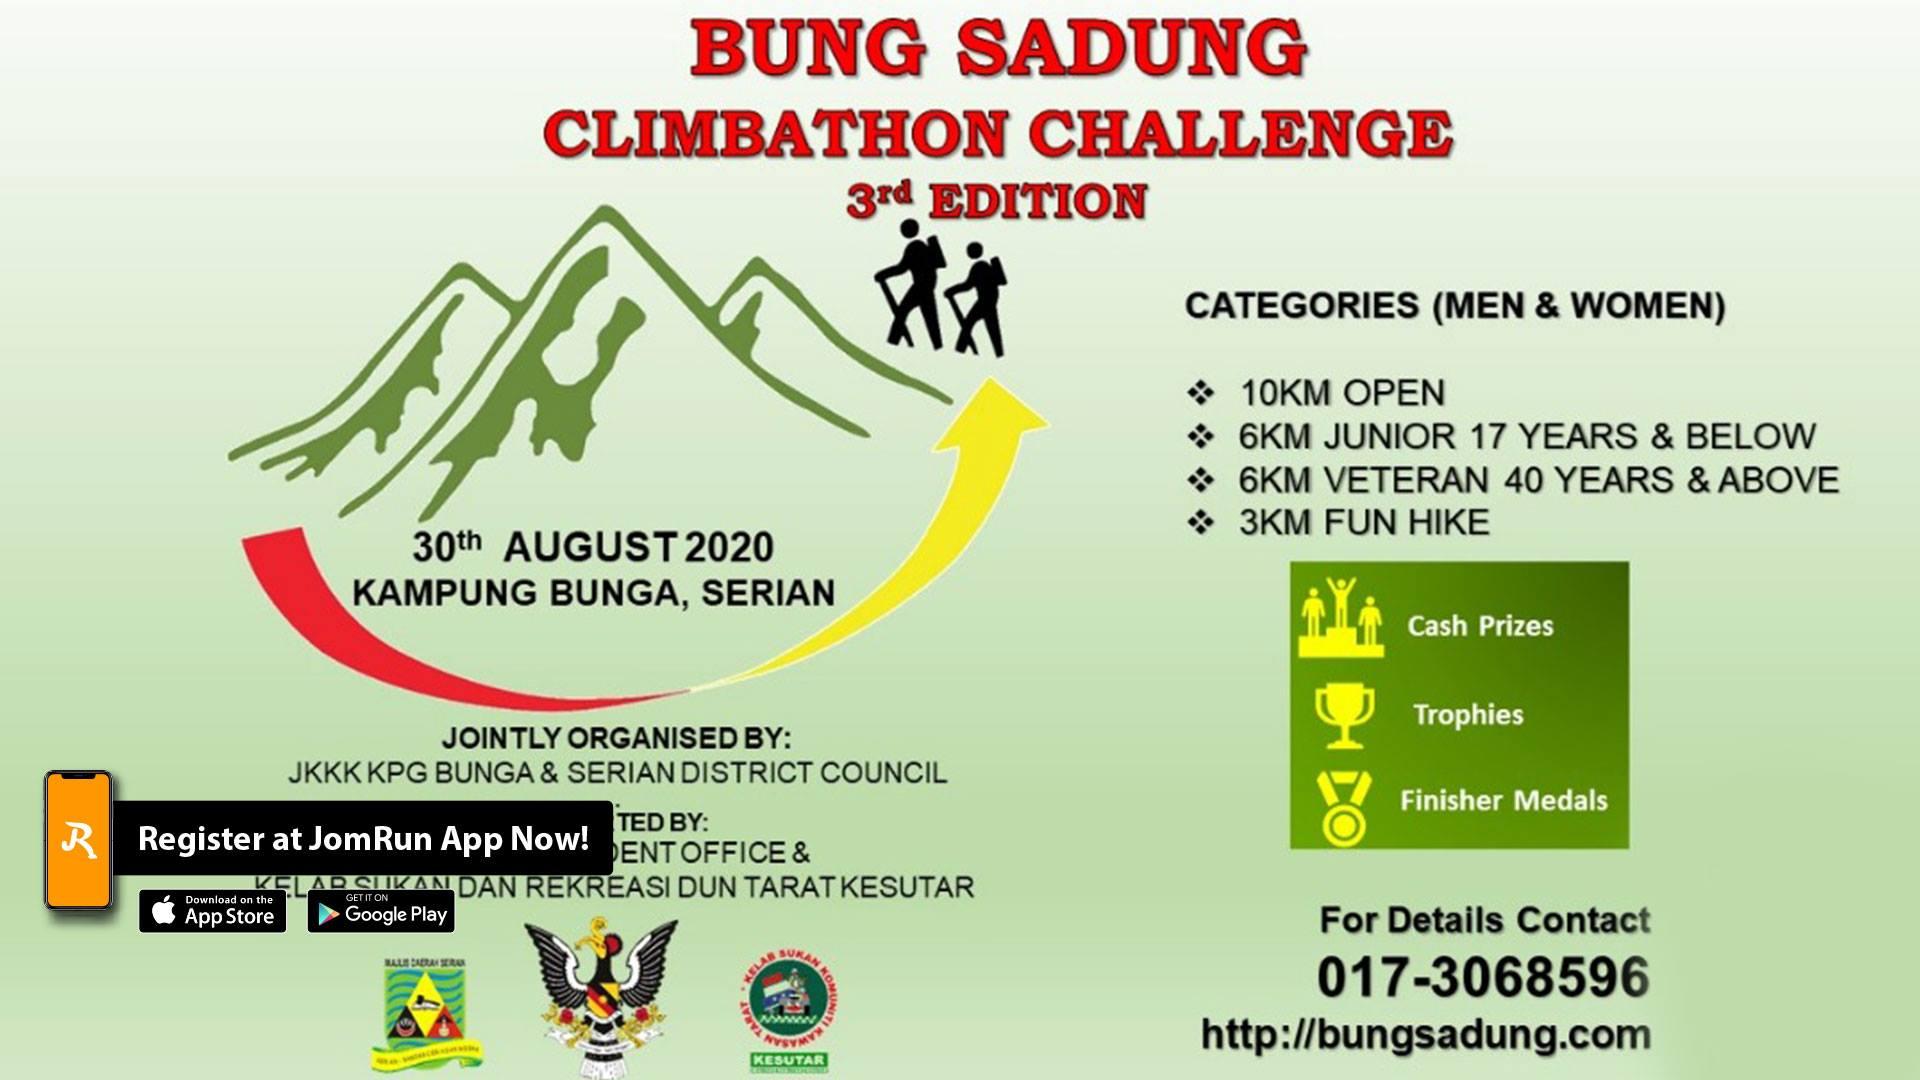 Bung Sadung Climbathon Challenge 2020